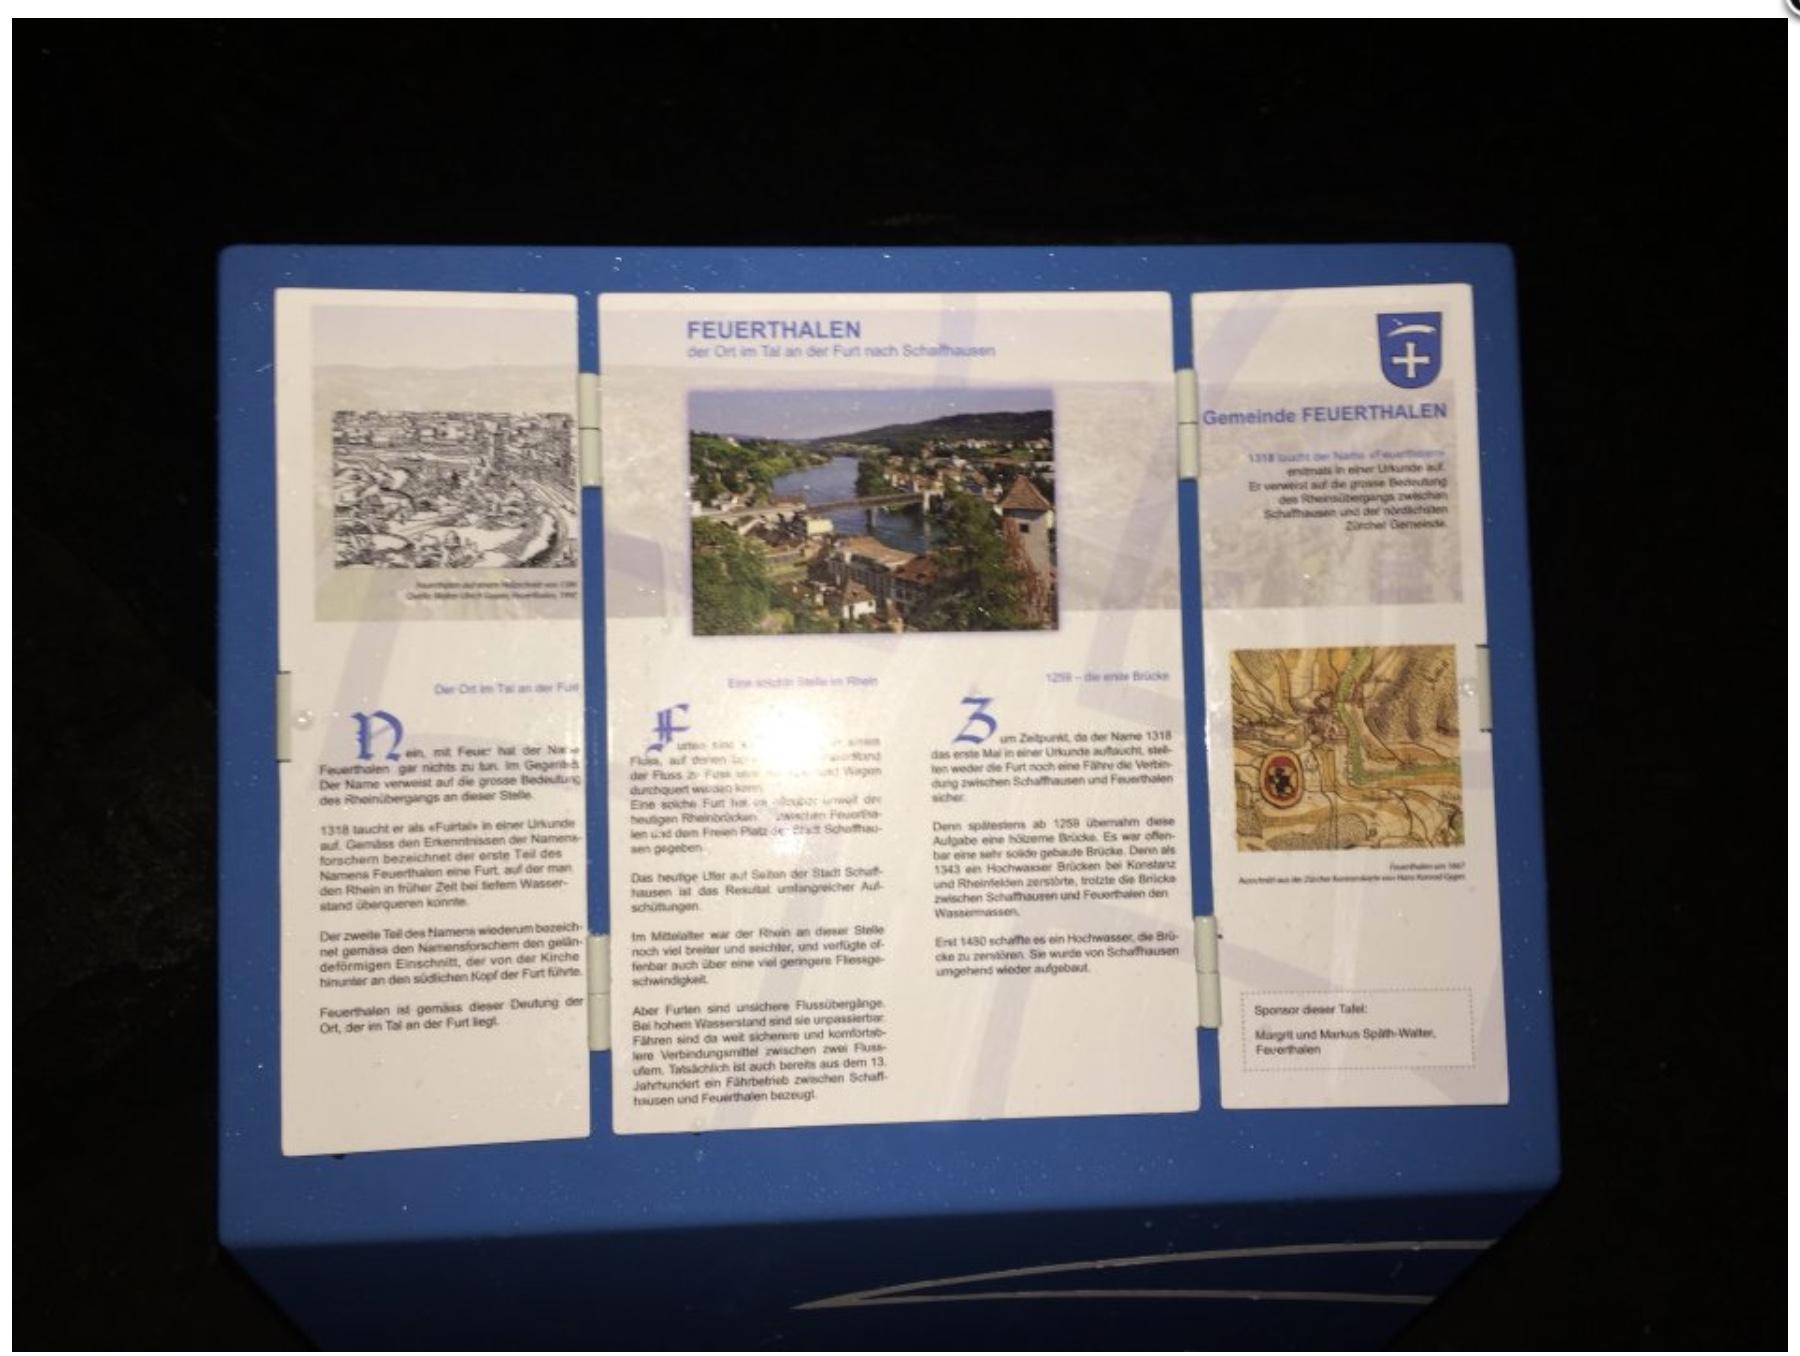 Die erste von zwölf historischen Stelen, platziert beim Zentrum Spilbrett, thematisiert die Ersterwähnung der Gemeinde Feuerthalen